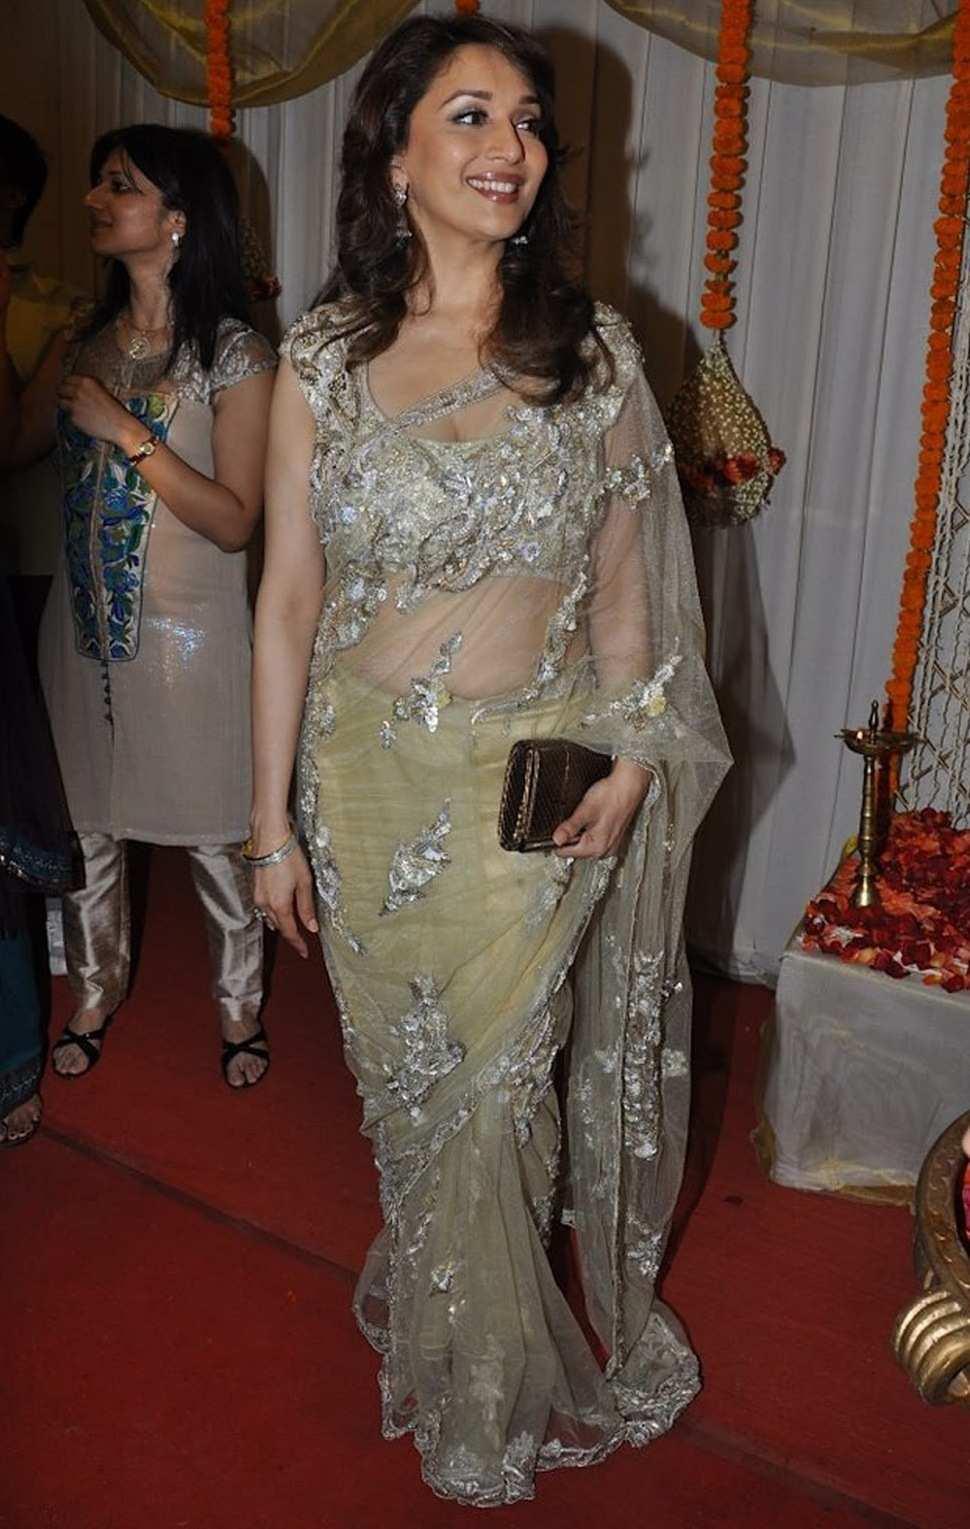 Glamours Hindi Actress Madhuri Dixit Latest Hot Photos In Yellow Saree